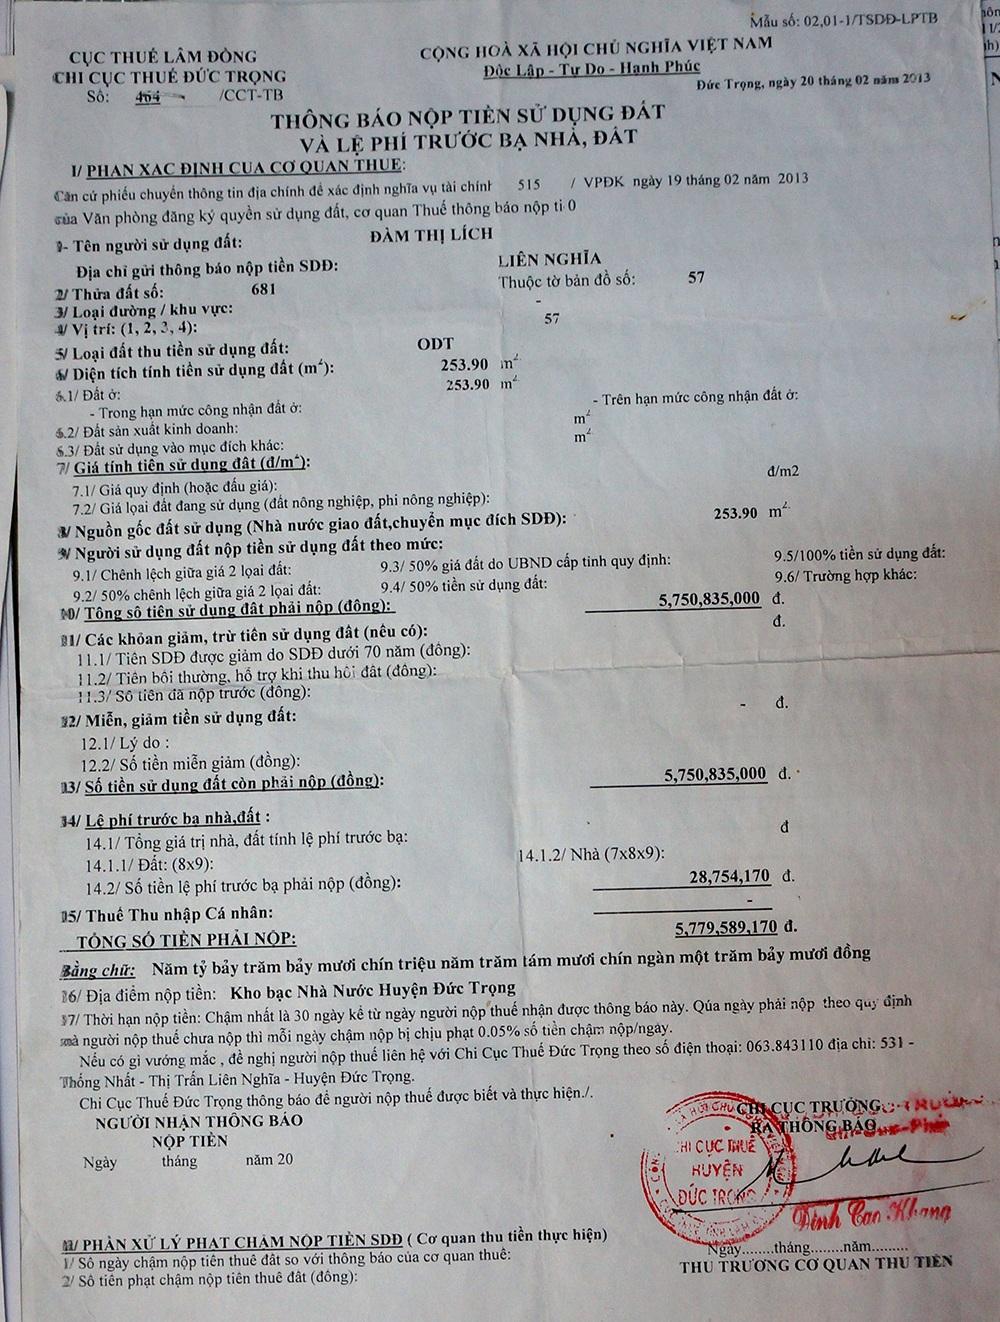 Hơn 10 năm sau, ngày 20/2/2013, gia đình bà Lích choáng váng khi nhận được thông báo nộp tiền sử dụng đất và lệ phí trước bạ nhà, đất số 464/CCT – TB của Chi Cục thuế huyện Đức Trọng với số tiền là 5.779.589.170 (hơn 5,7 tỷ đồng) cho 253m2 đất nằm trong lô đất thổ cư 610m2 đã được công nhận trước đó.